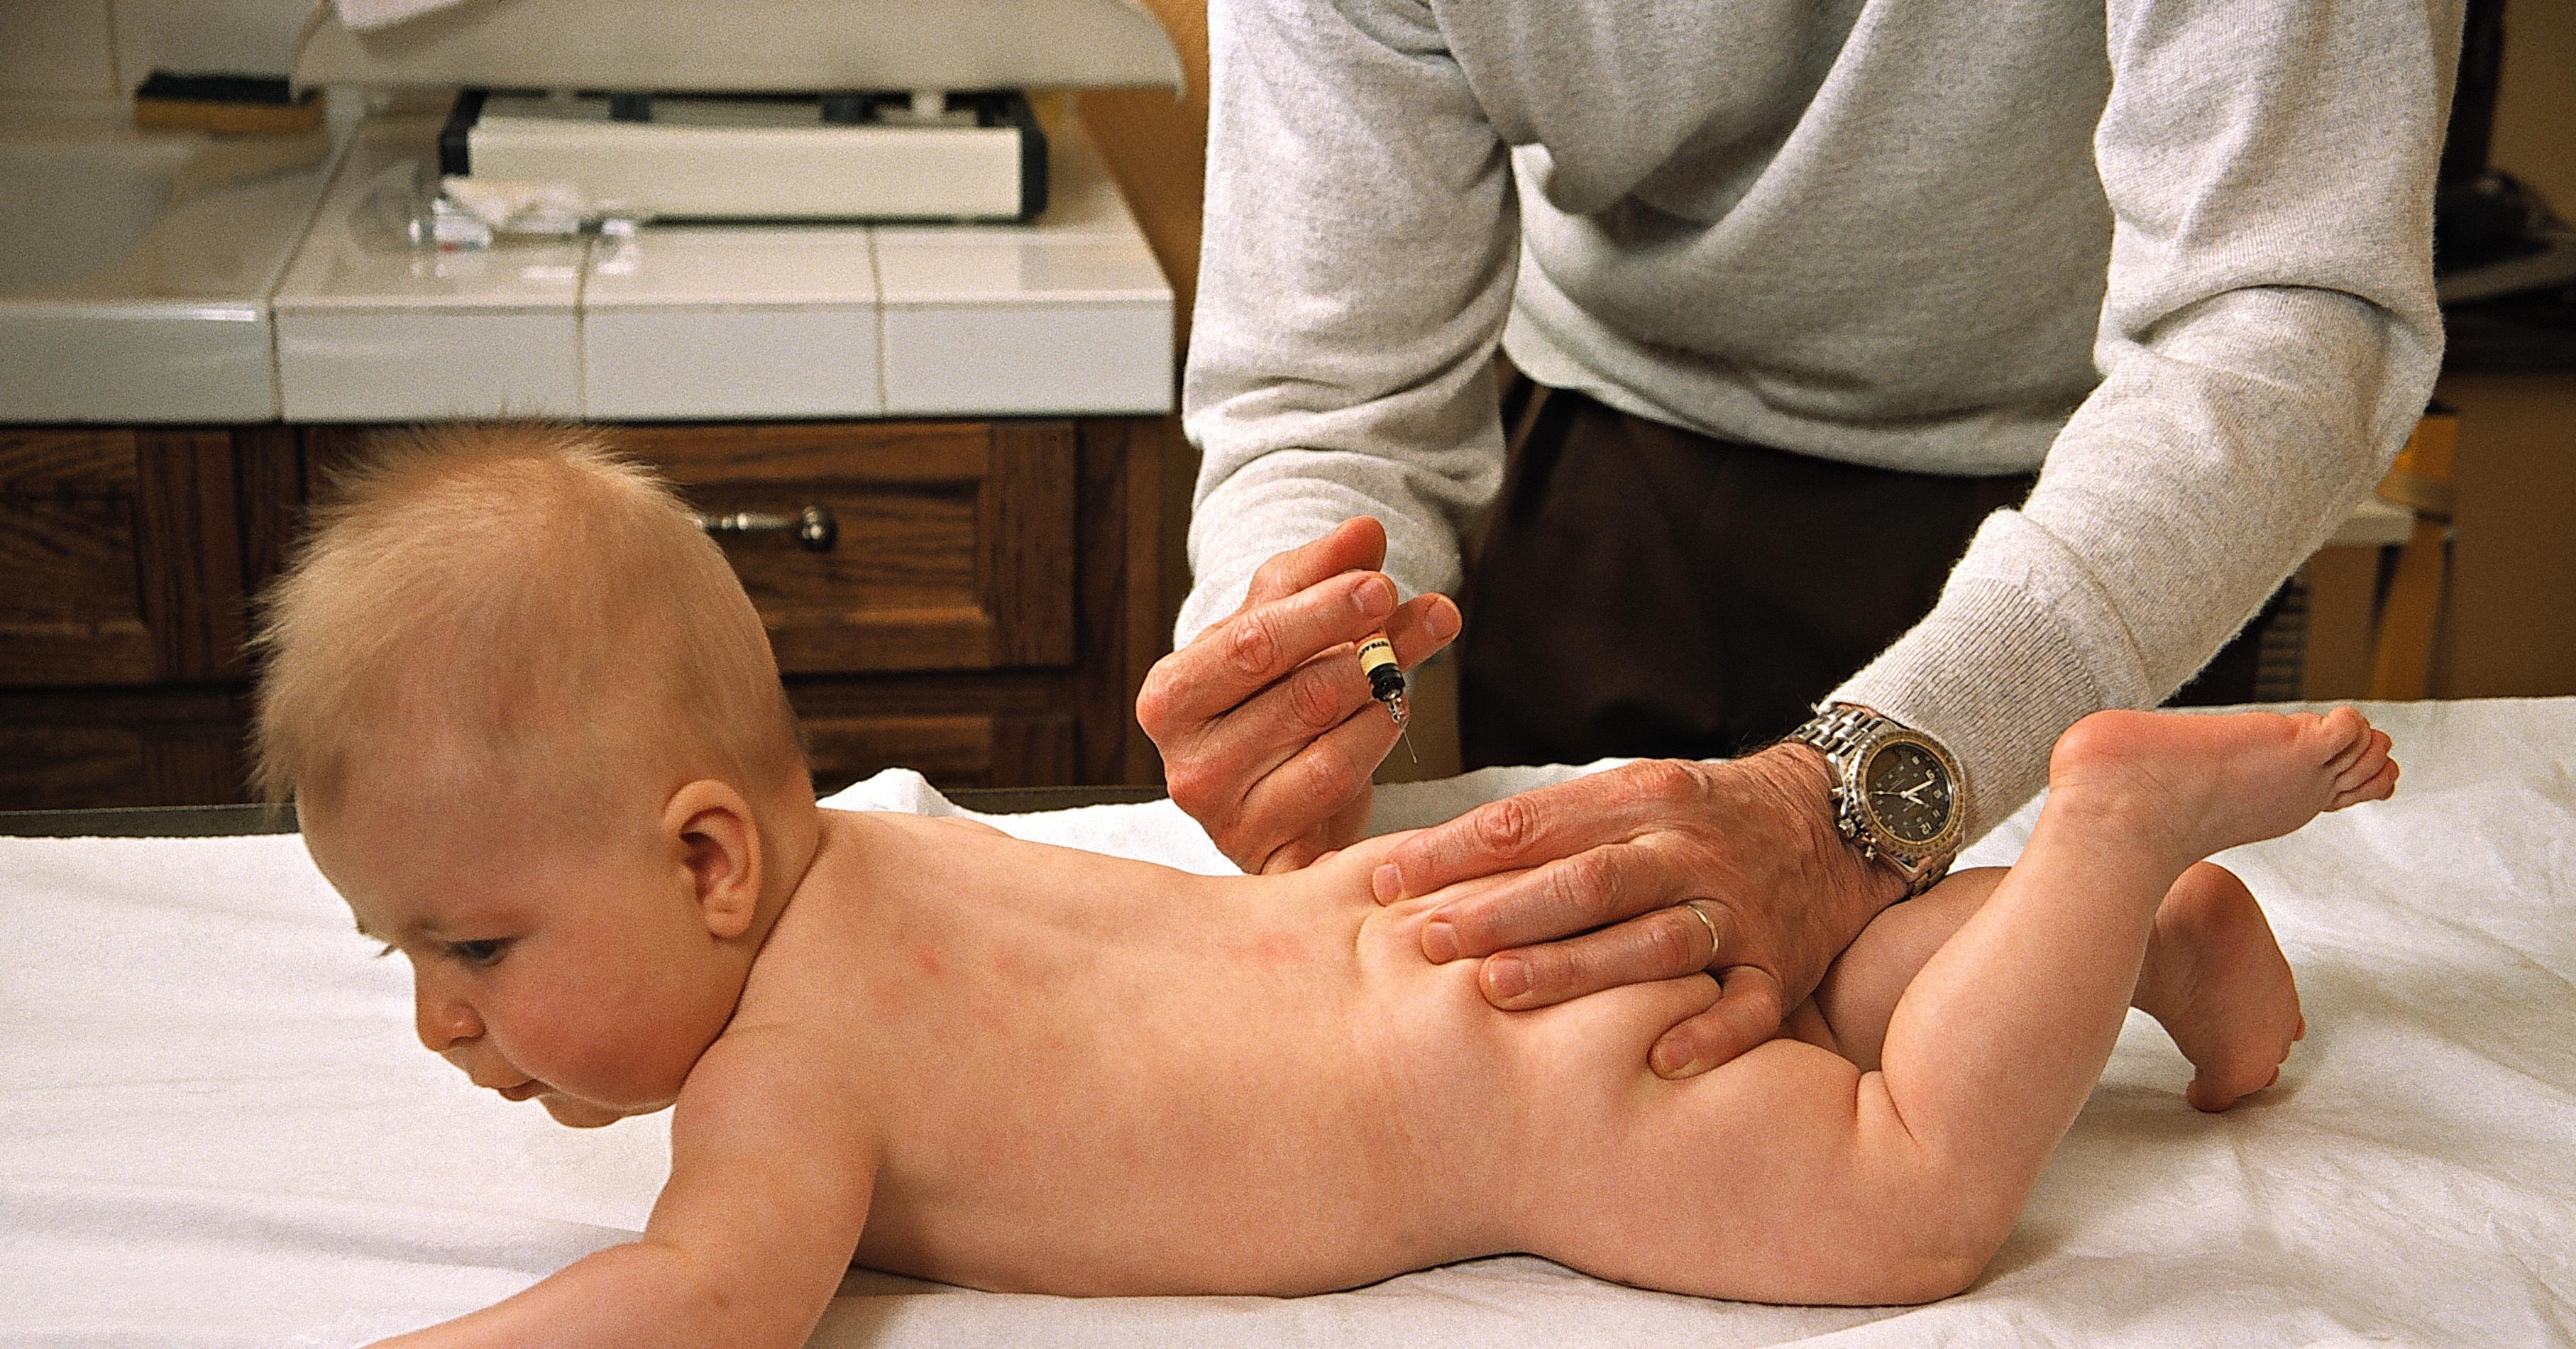 Детям уколы в ягодицу фото ребенку